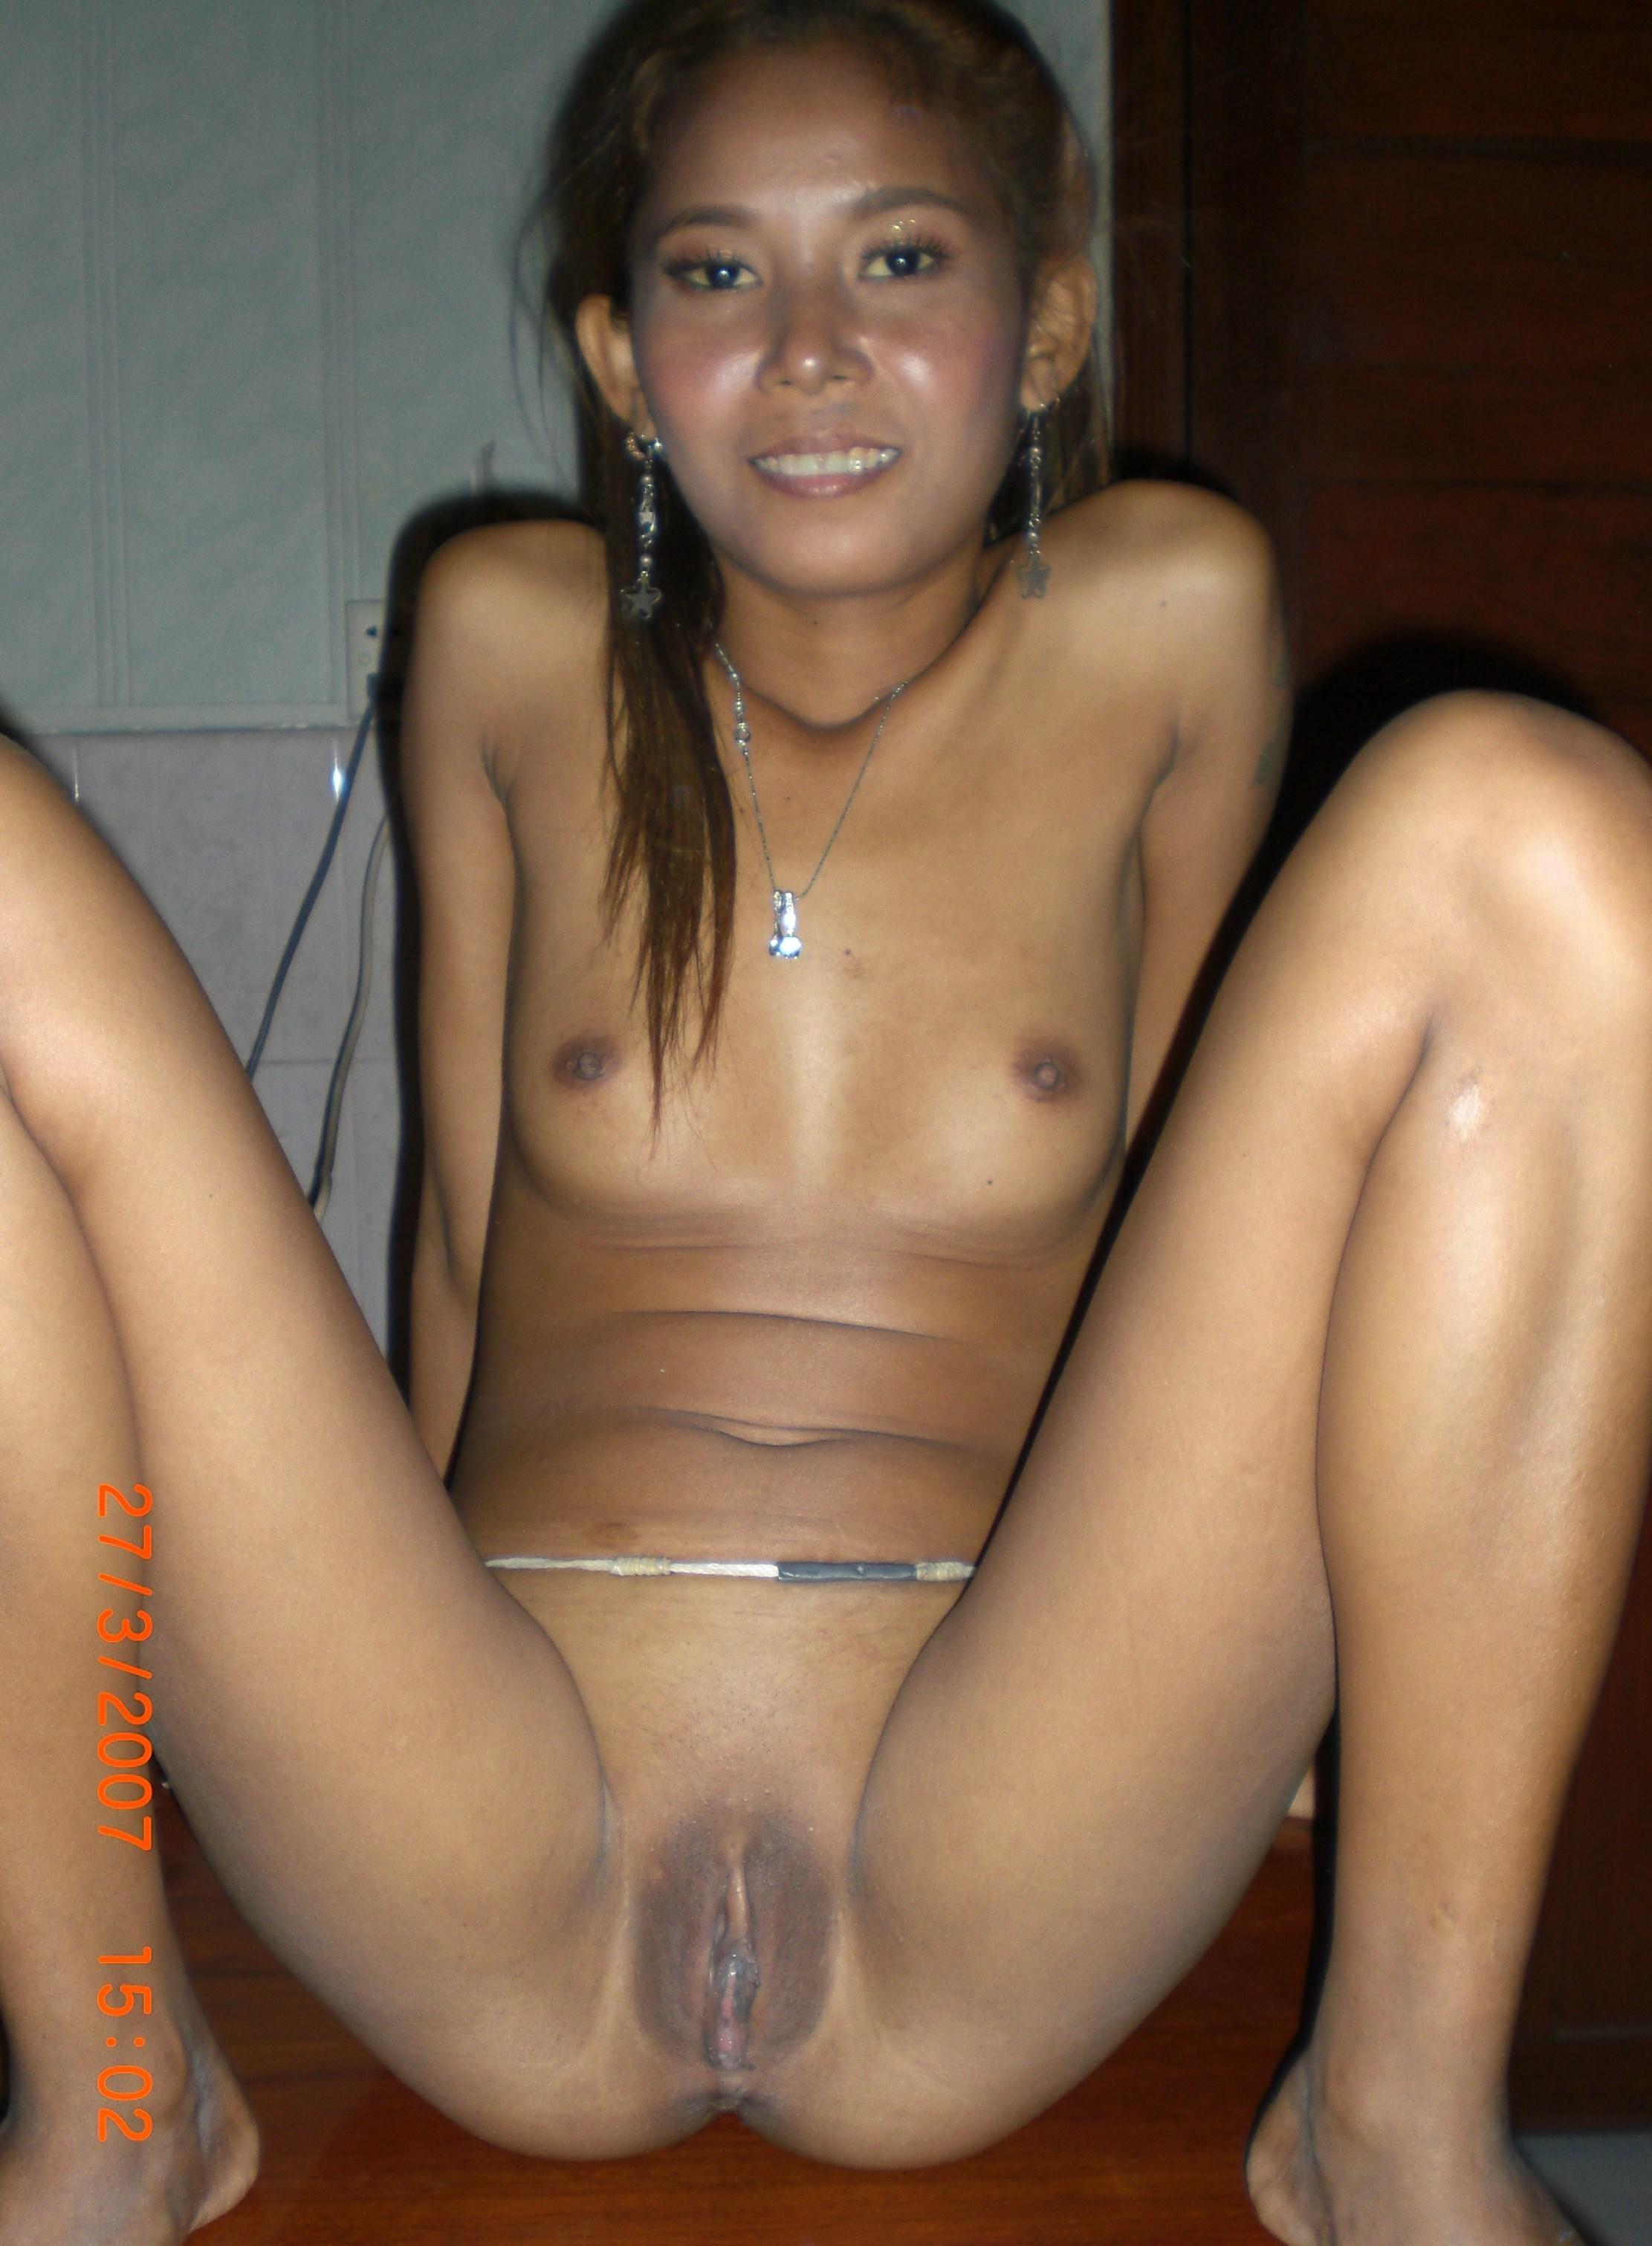 Тайская девушка соблазнила мужчину и оказывает ему интимные услуги, разрешая себя снимать